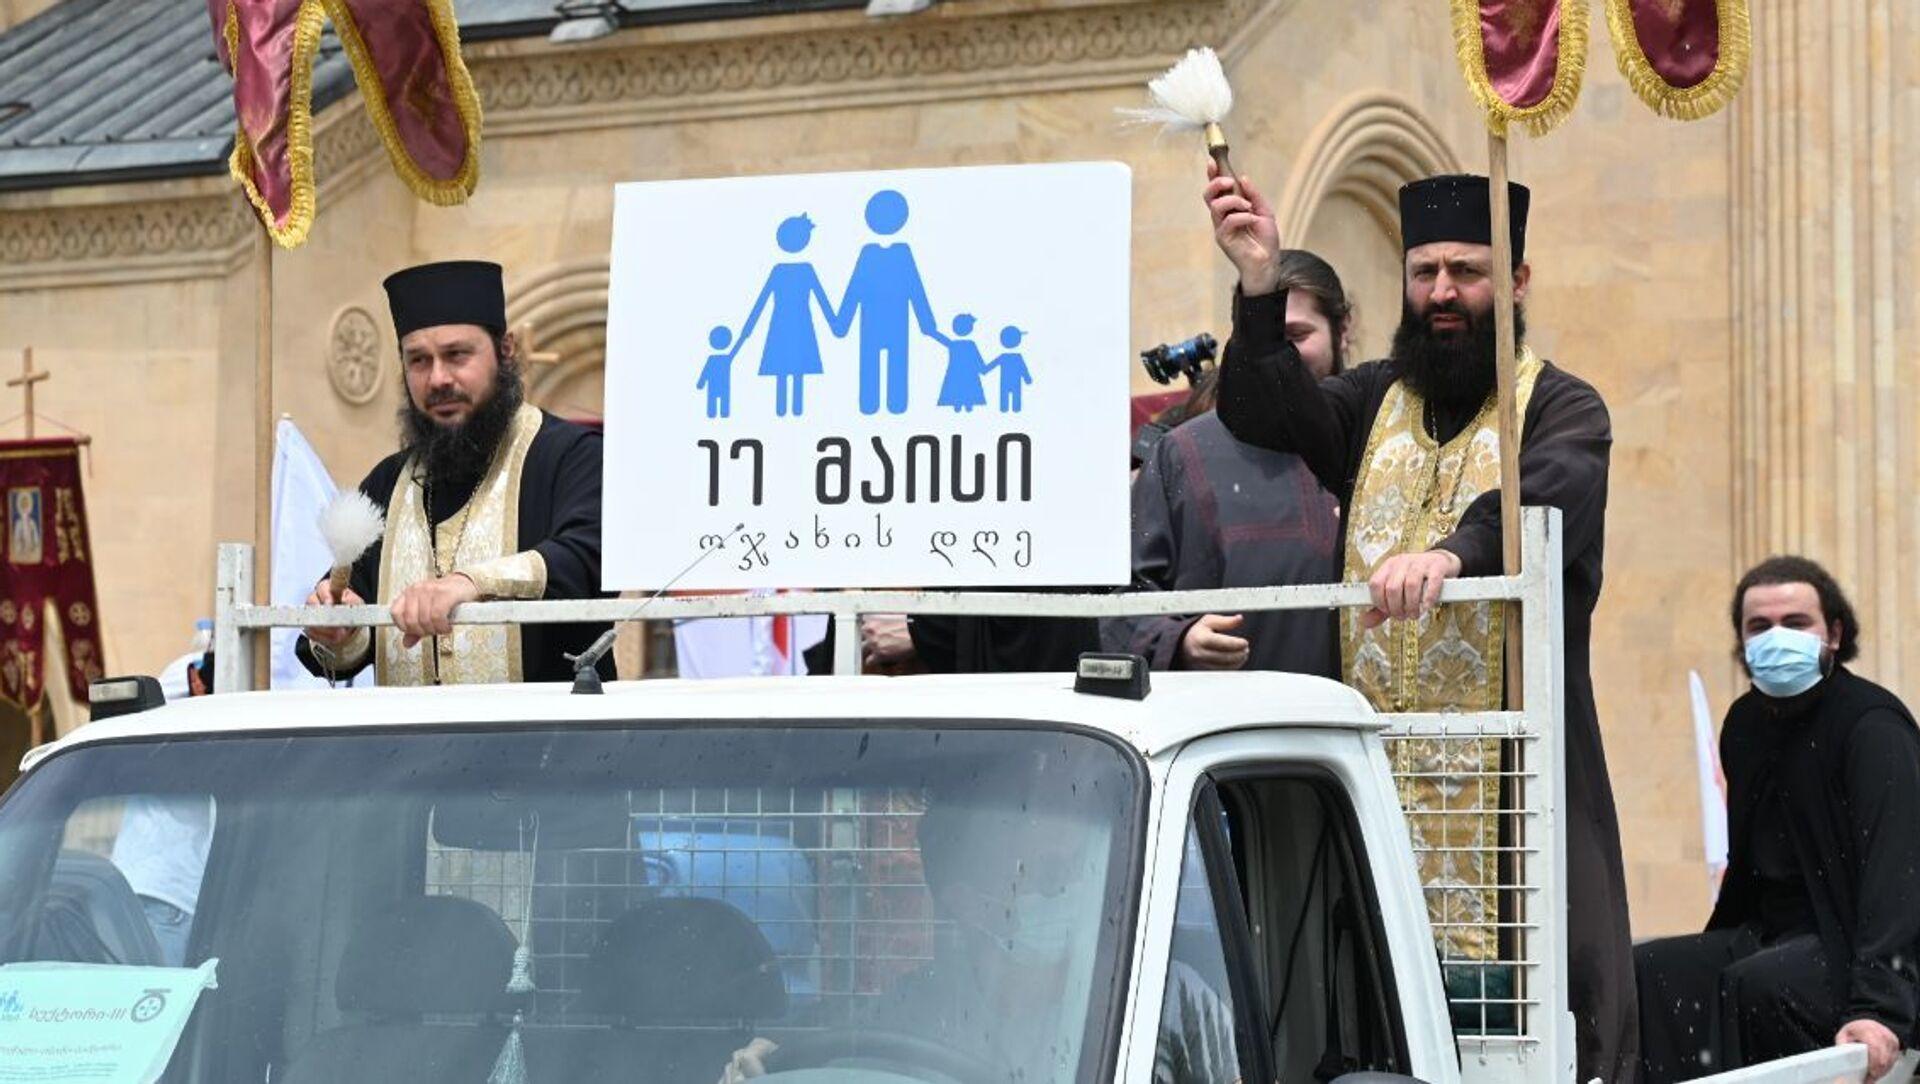 День святости семьи и традиционных ценностей отмечает Патриархия Грузии 17 мая 2021 года - Sputnik Грузия, 1920, 17.05.2021